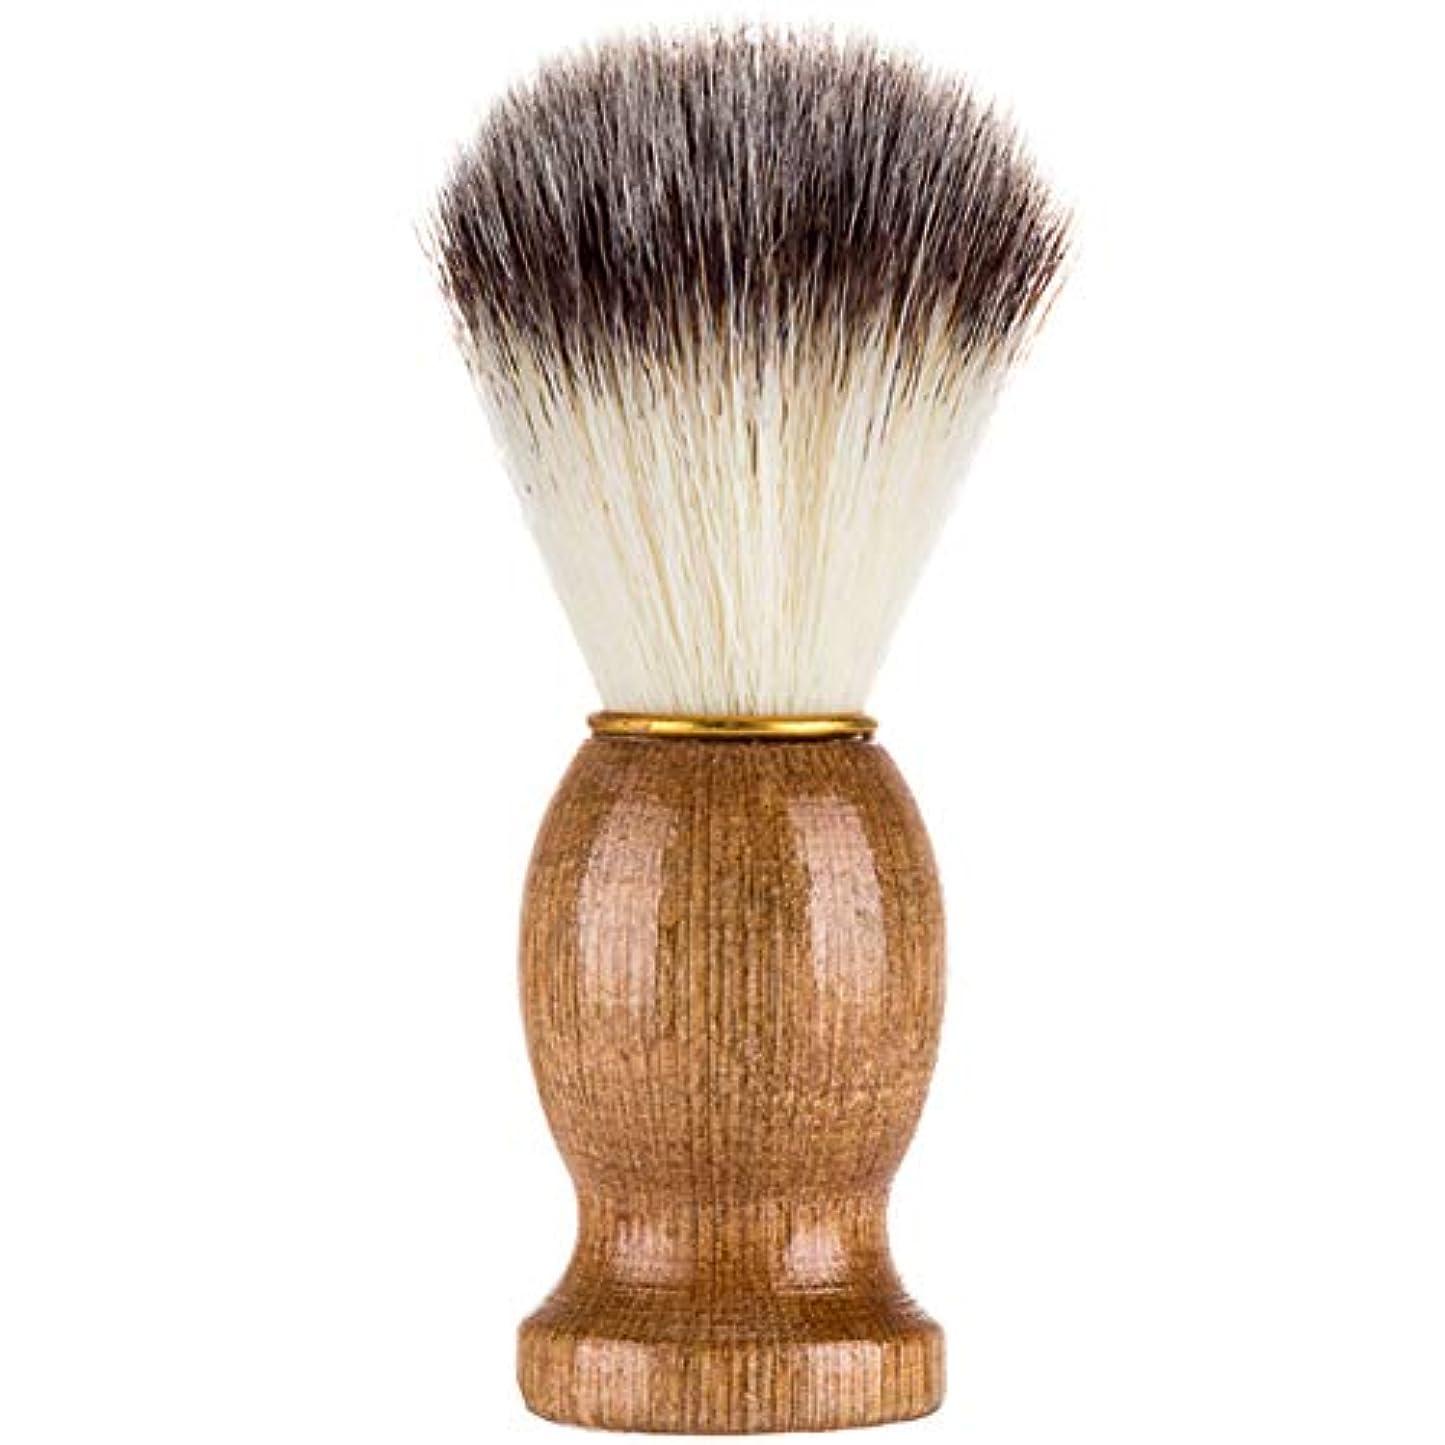 強盗聖なる保護Xlp シェービングブラシ、シェービングブラシ、男性シェービングブラシシェービングかみそりブラシサロン理髪店用ツールひげ剃り用品